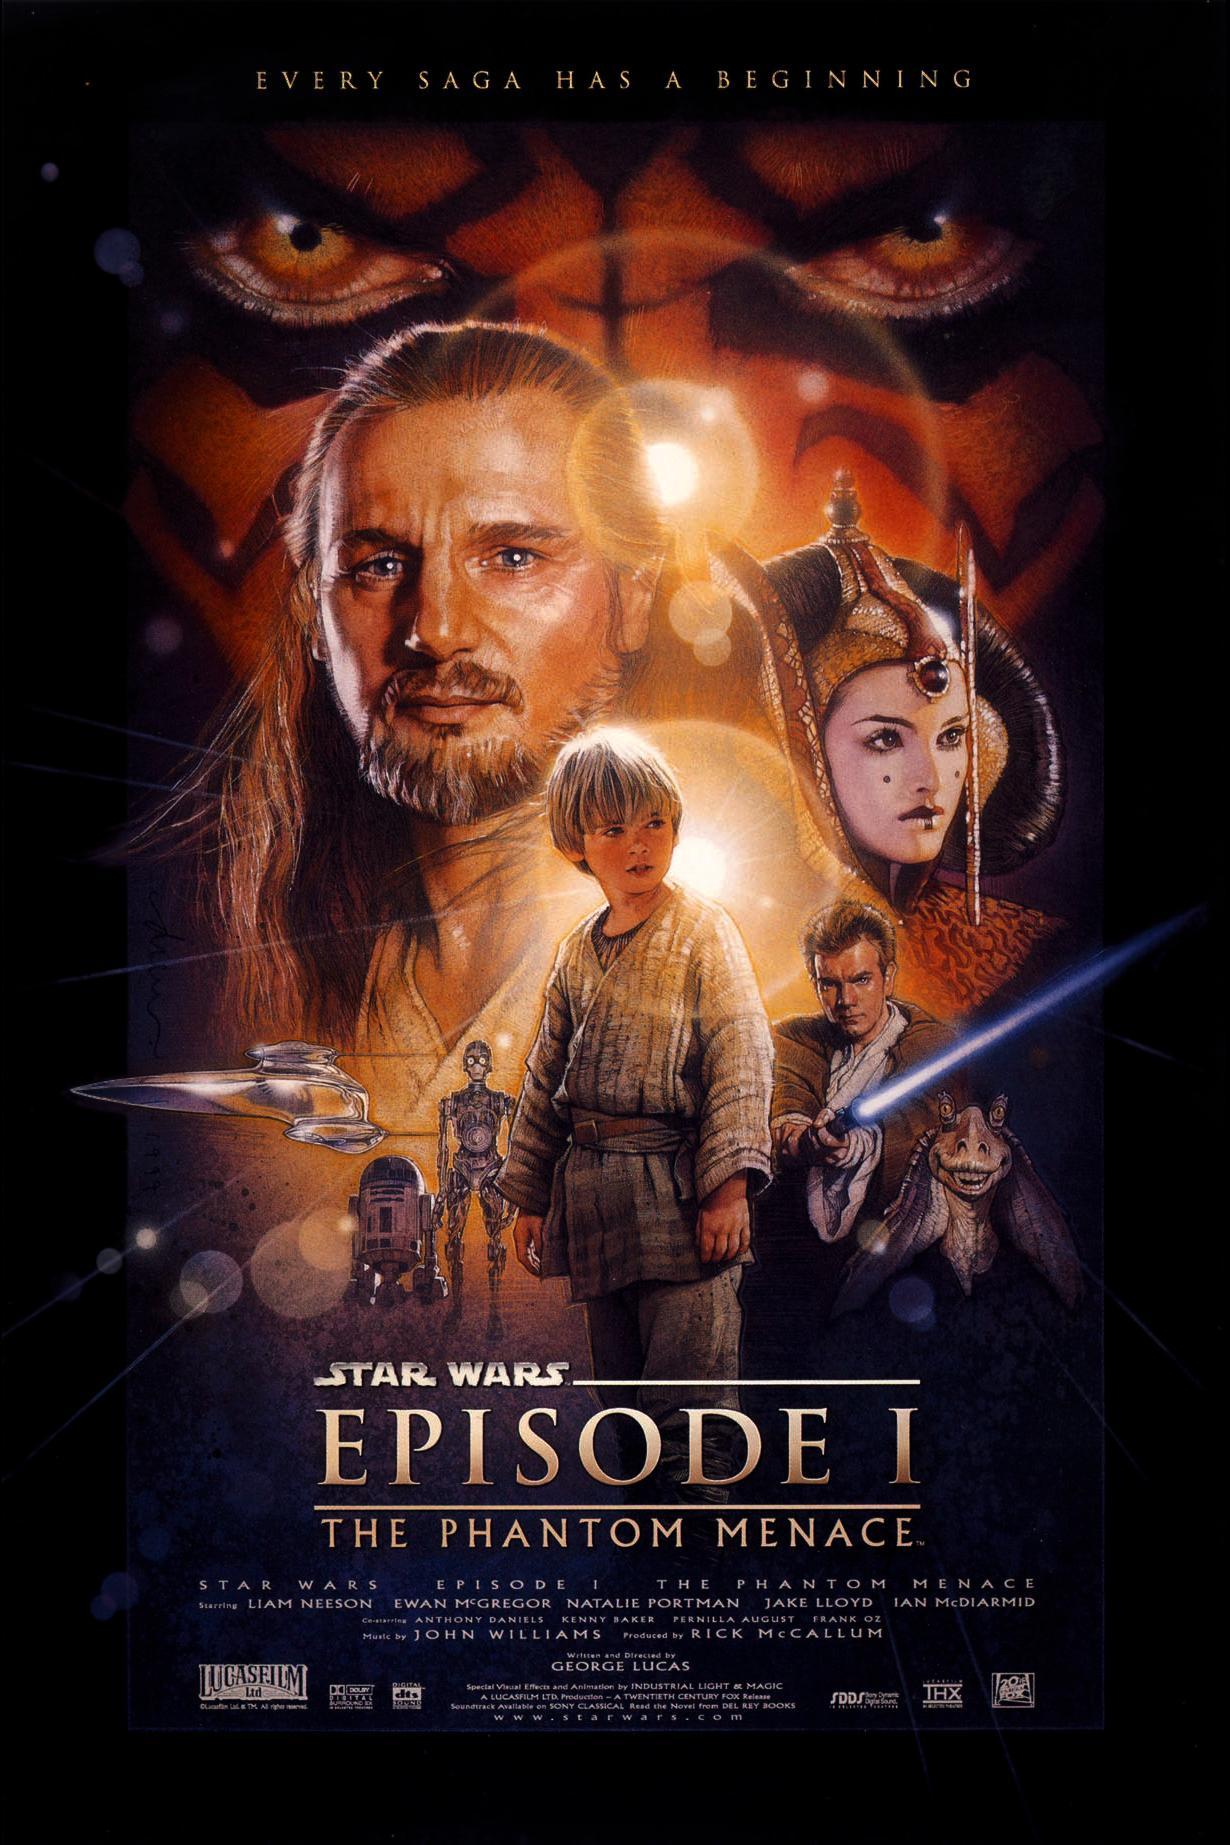 ვარკვლავური ომები ეპიზოდი I STAR WARS: EPISODE I - THE PHANTOM MENACE